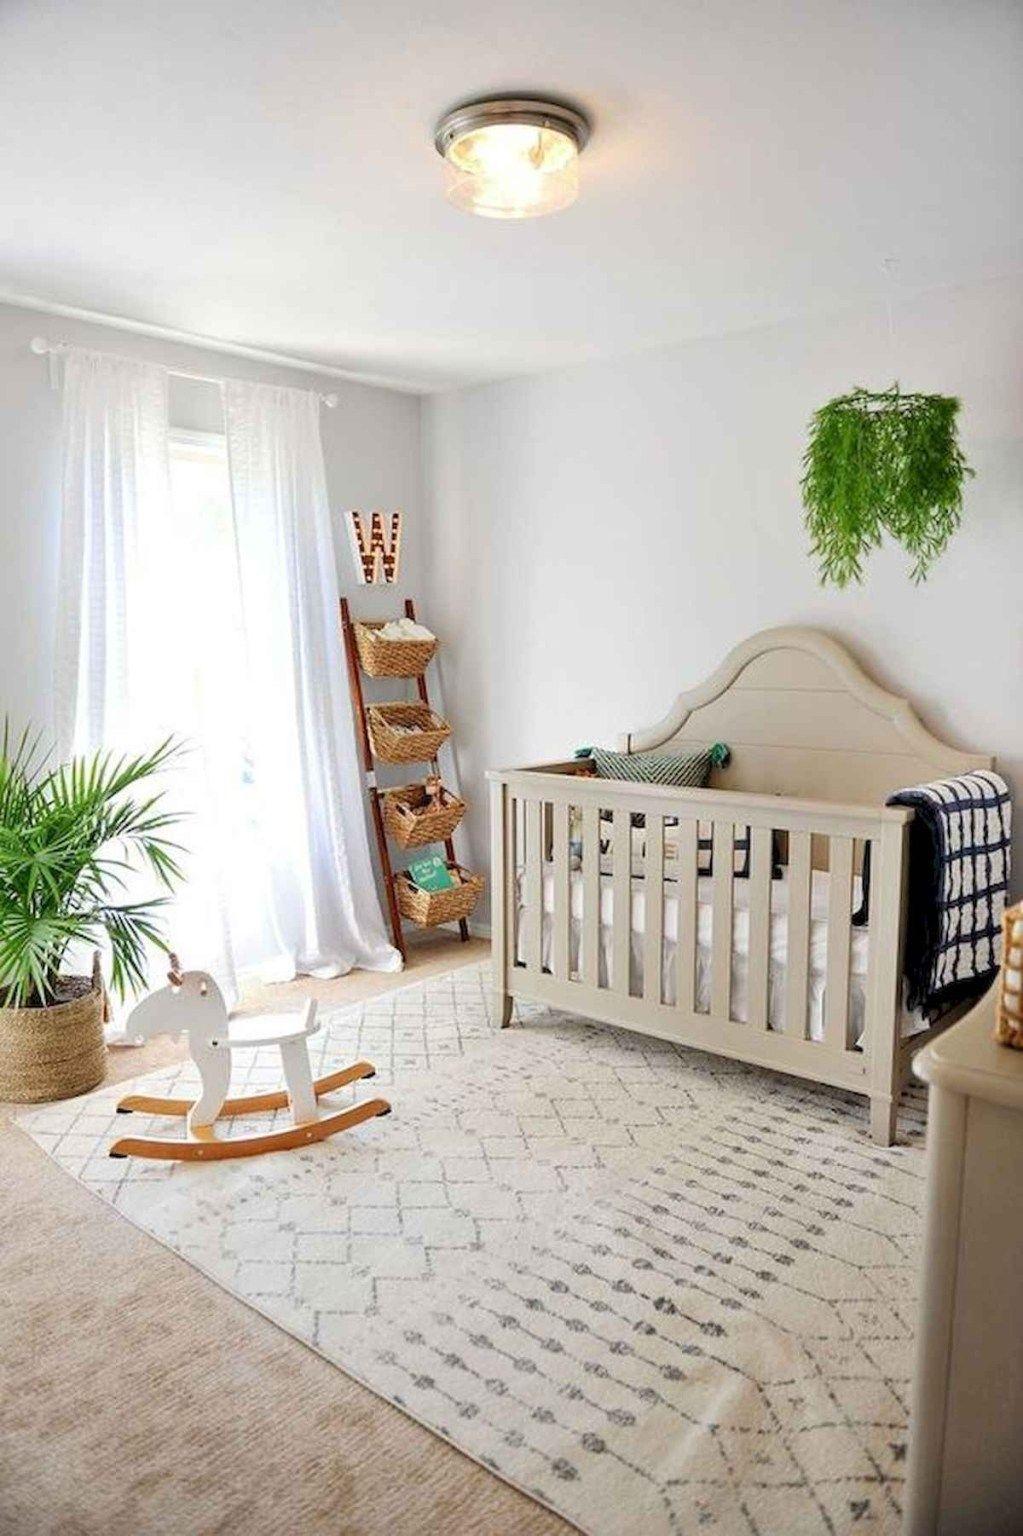 Epingle Sur Decoration Chambre De Bebe Deco Et Peinture